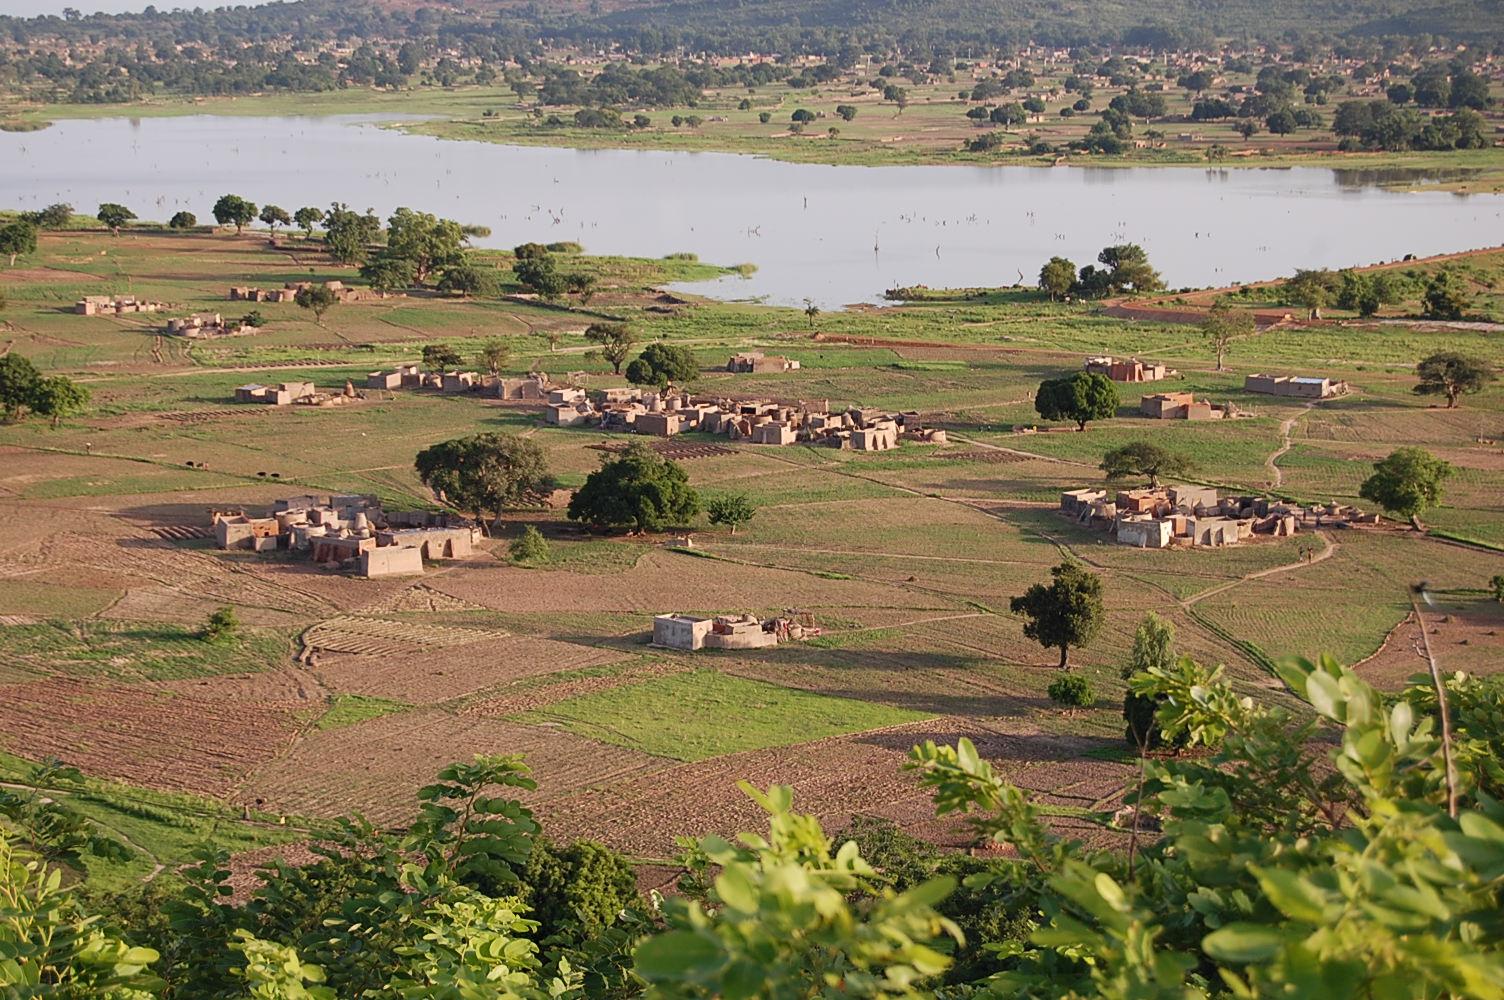 Maisons kassena vue d'en haut (Kouyou, Tiébélé). Kassena houses seen from above.